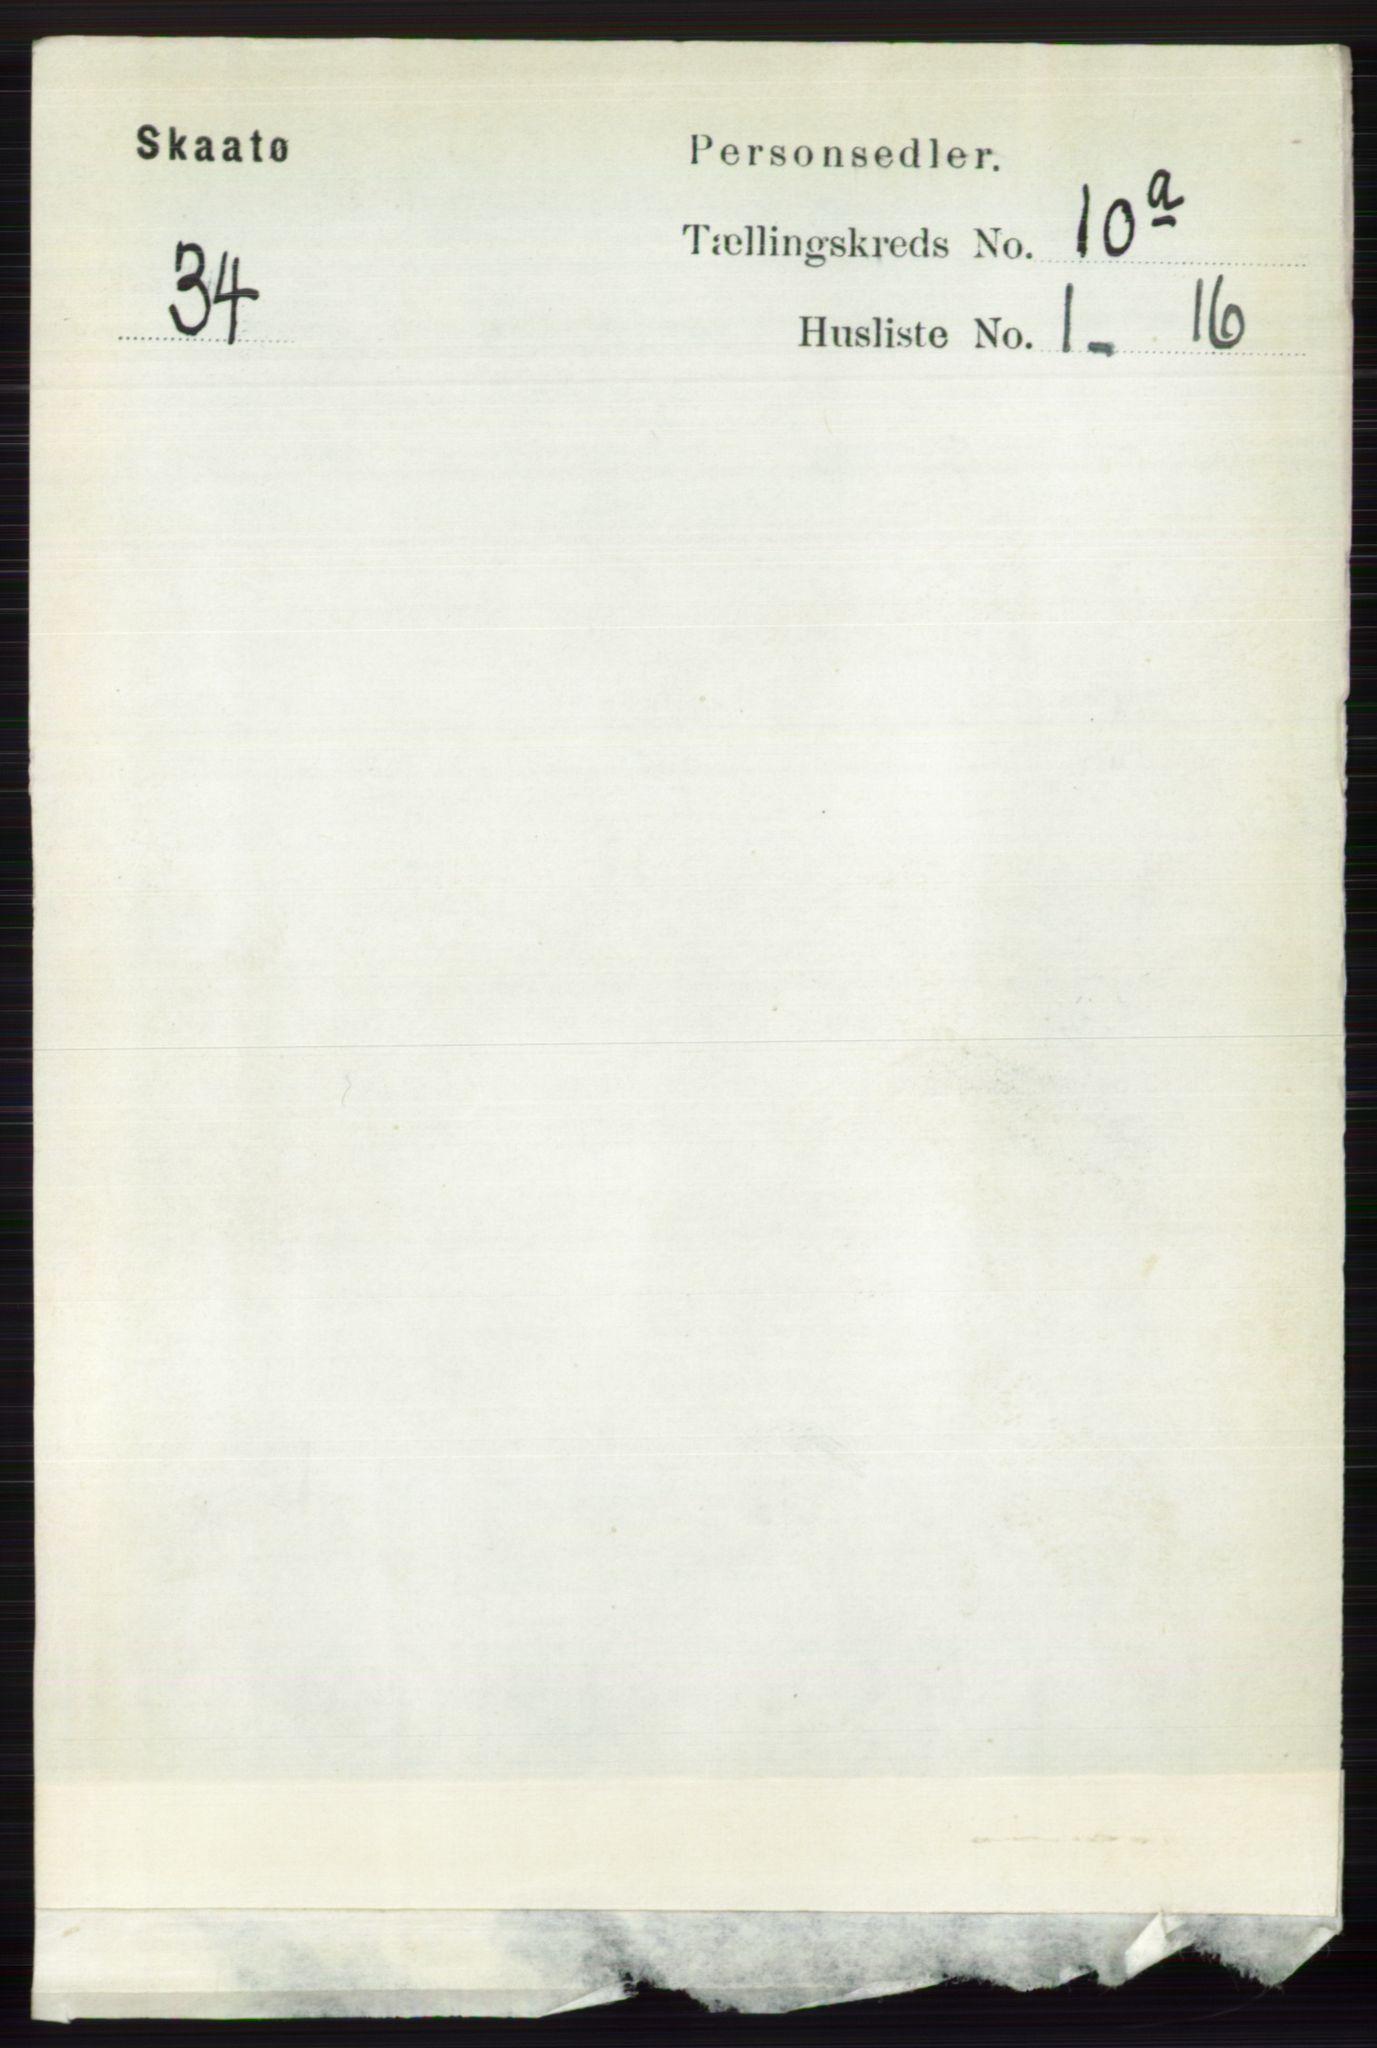 RA, Folketelling 1891 for 0815 Skåtøy herred, 1891, s. 4031